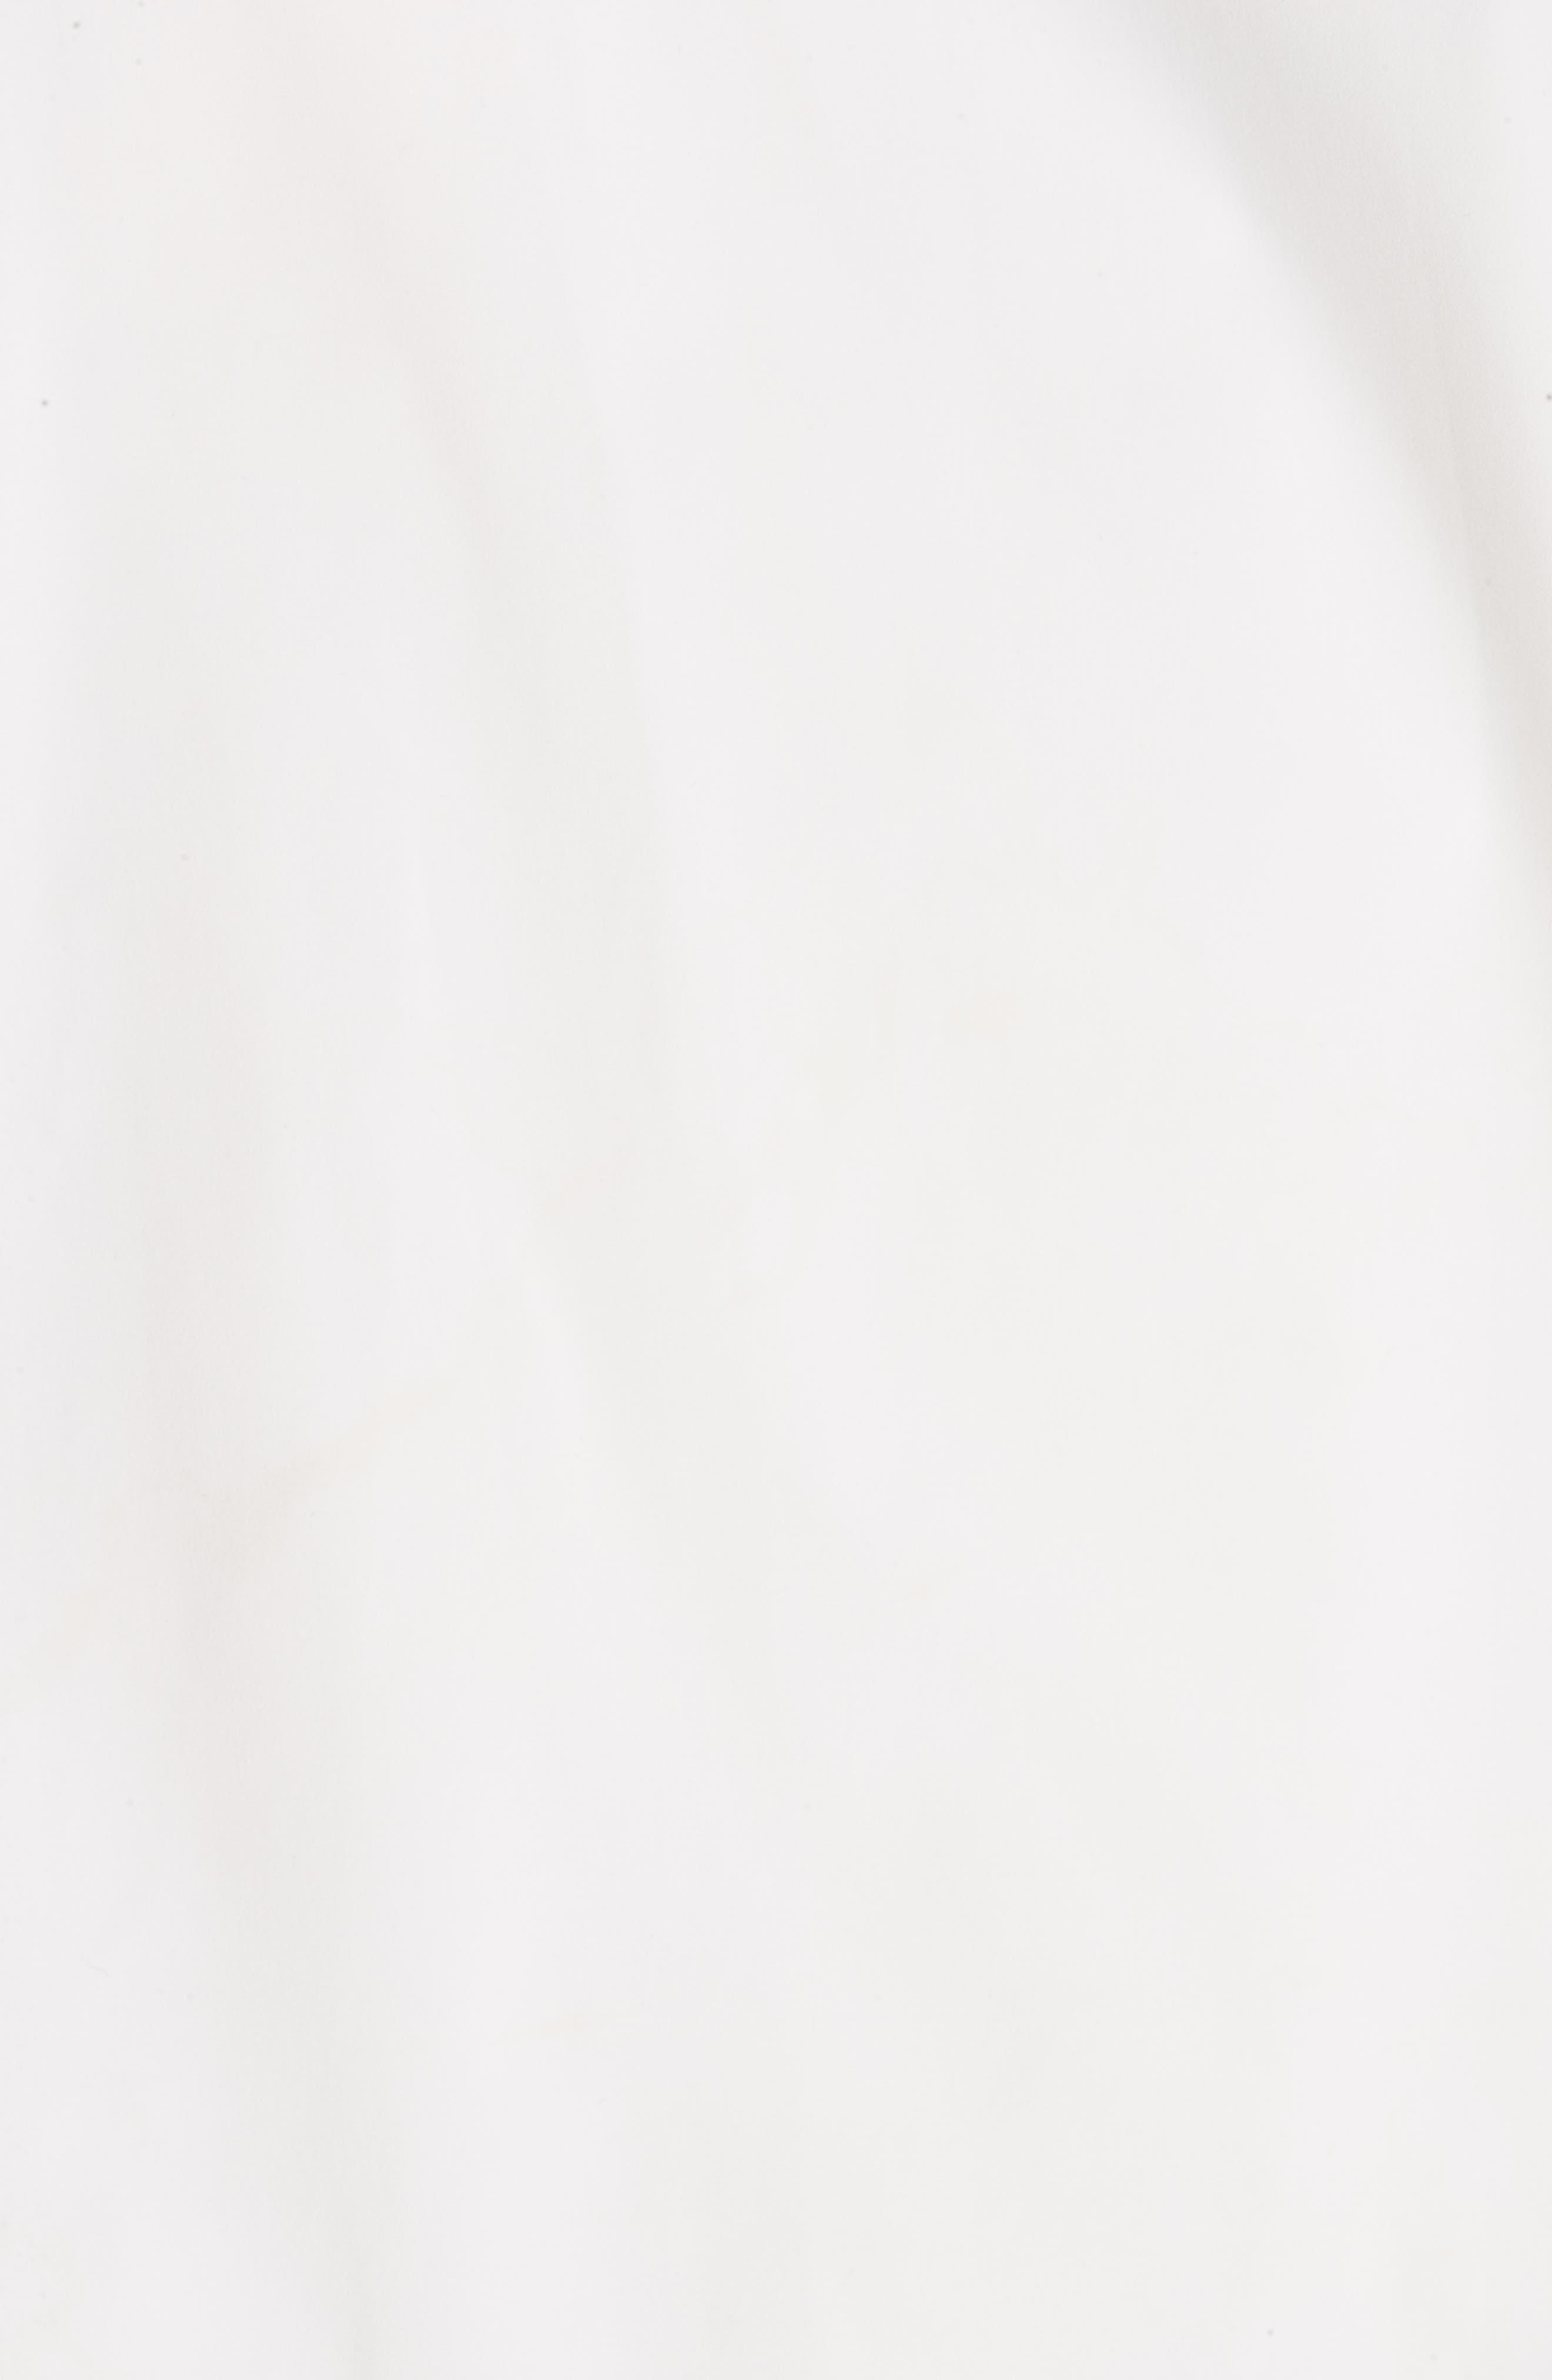 Mini-Break Playsuit,                             Alternate thumbnail 5, color,                             BLACK/ WHITE